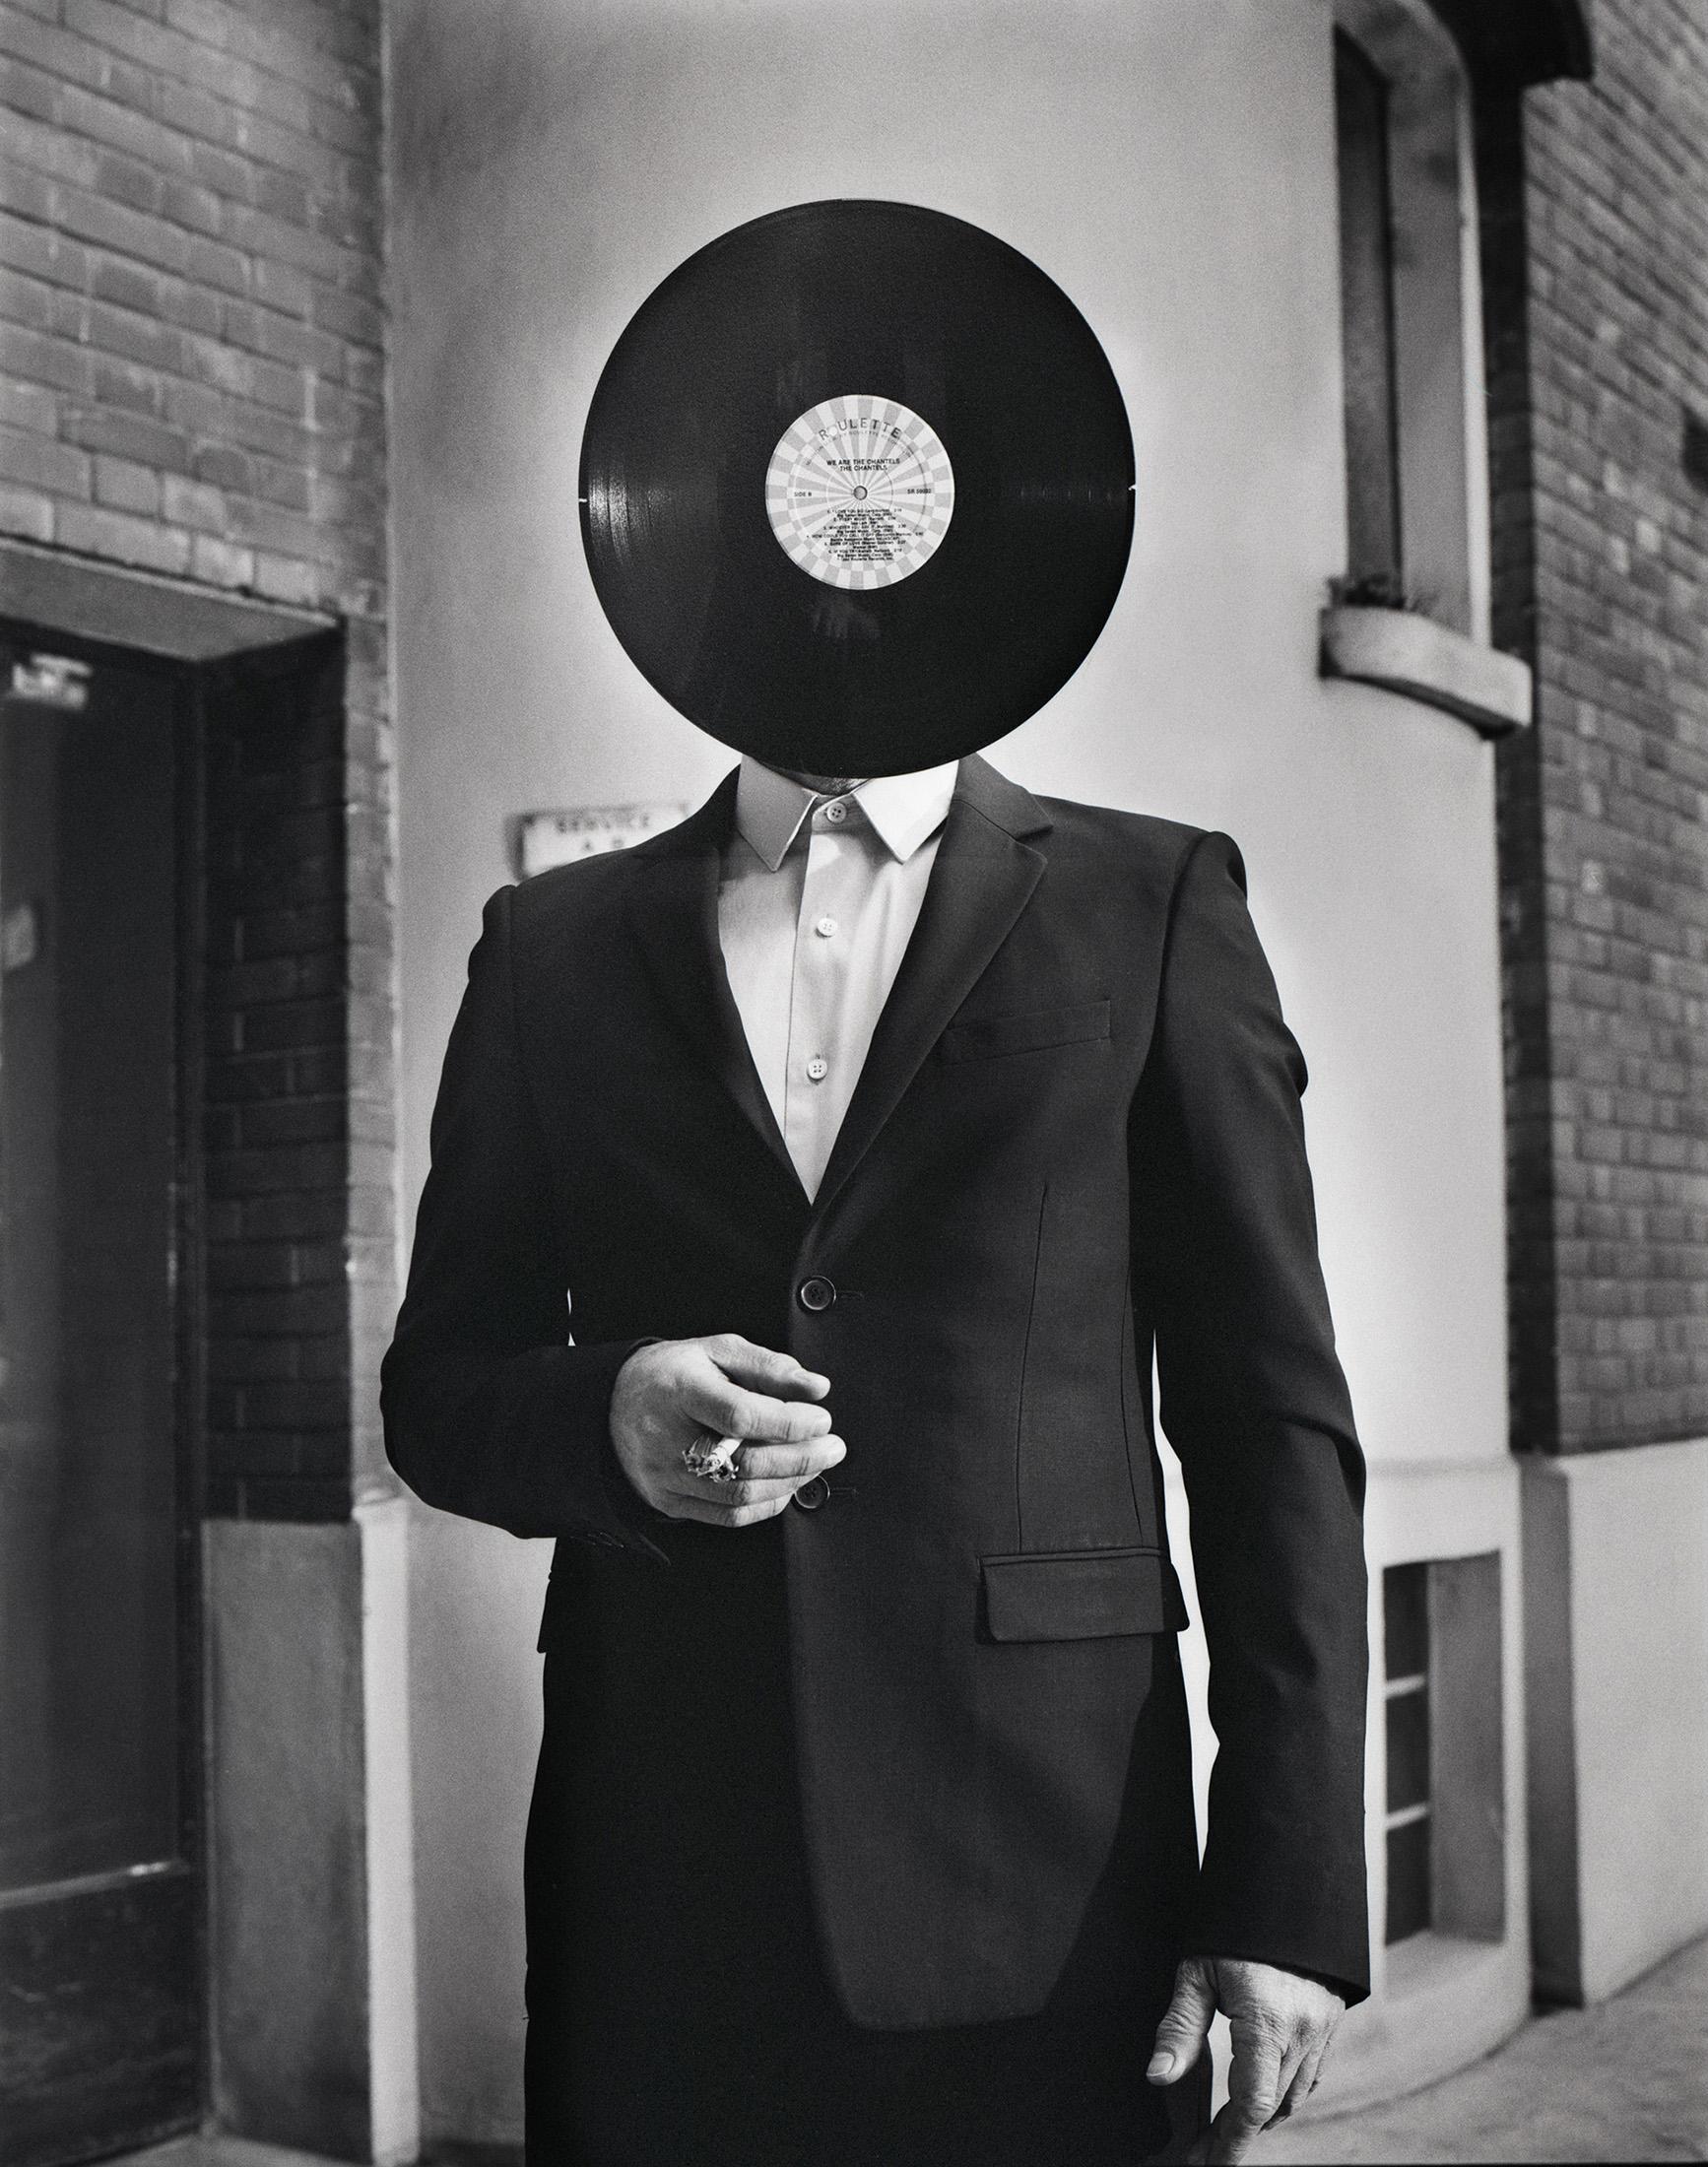 Vinyle8